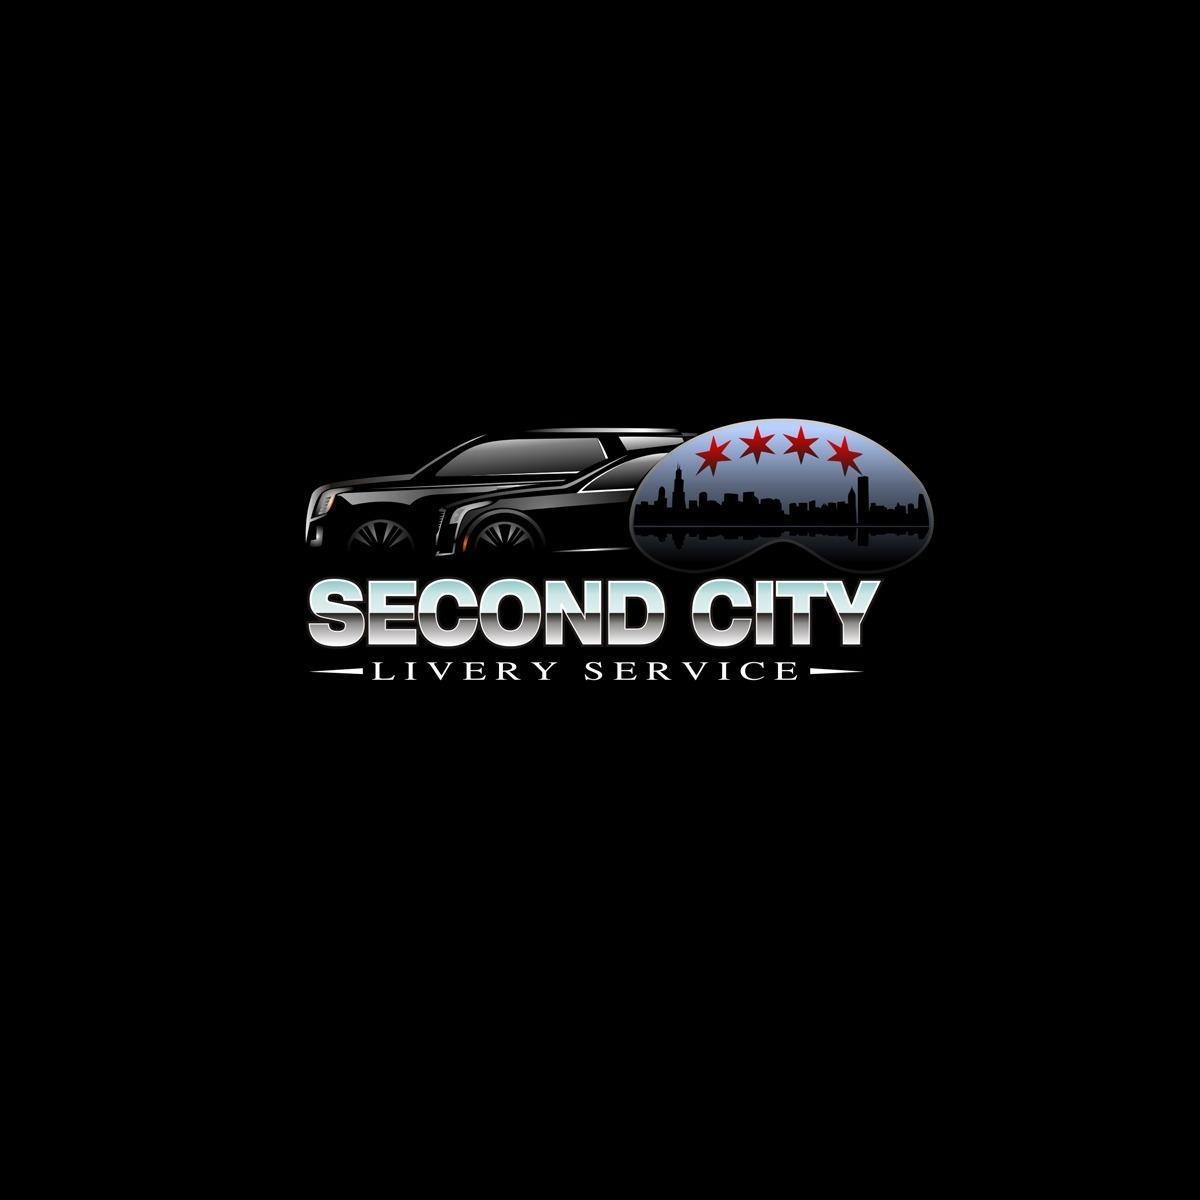 Second City Livery Service